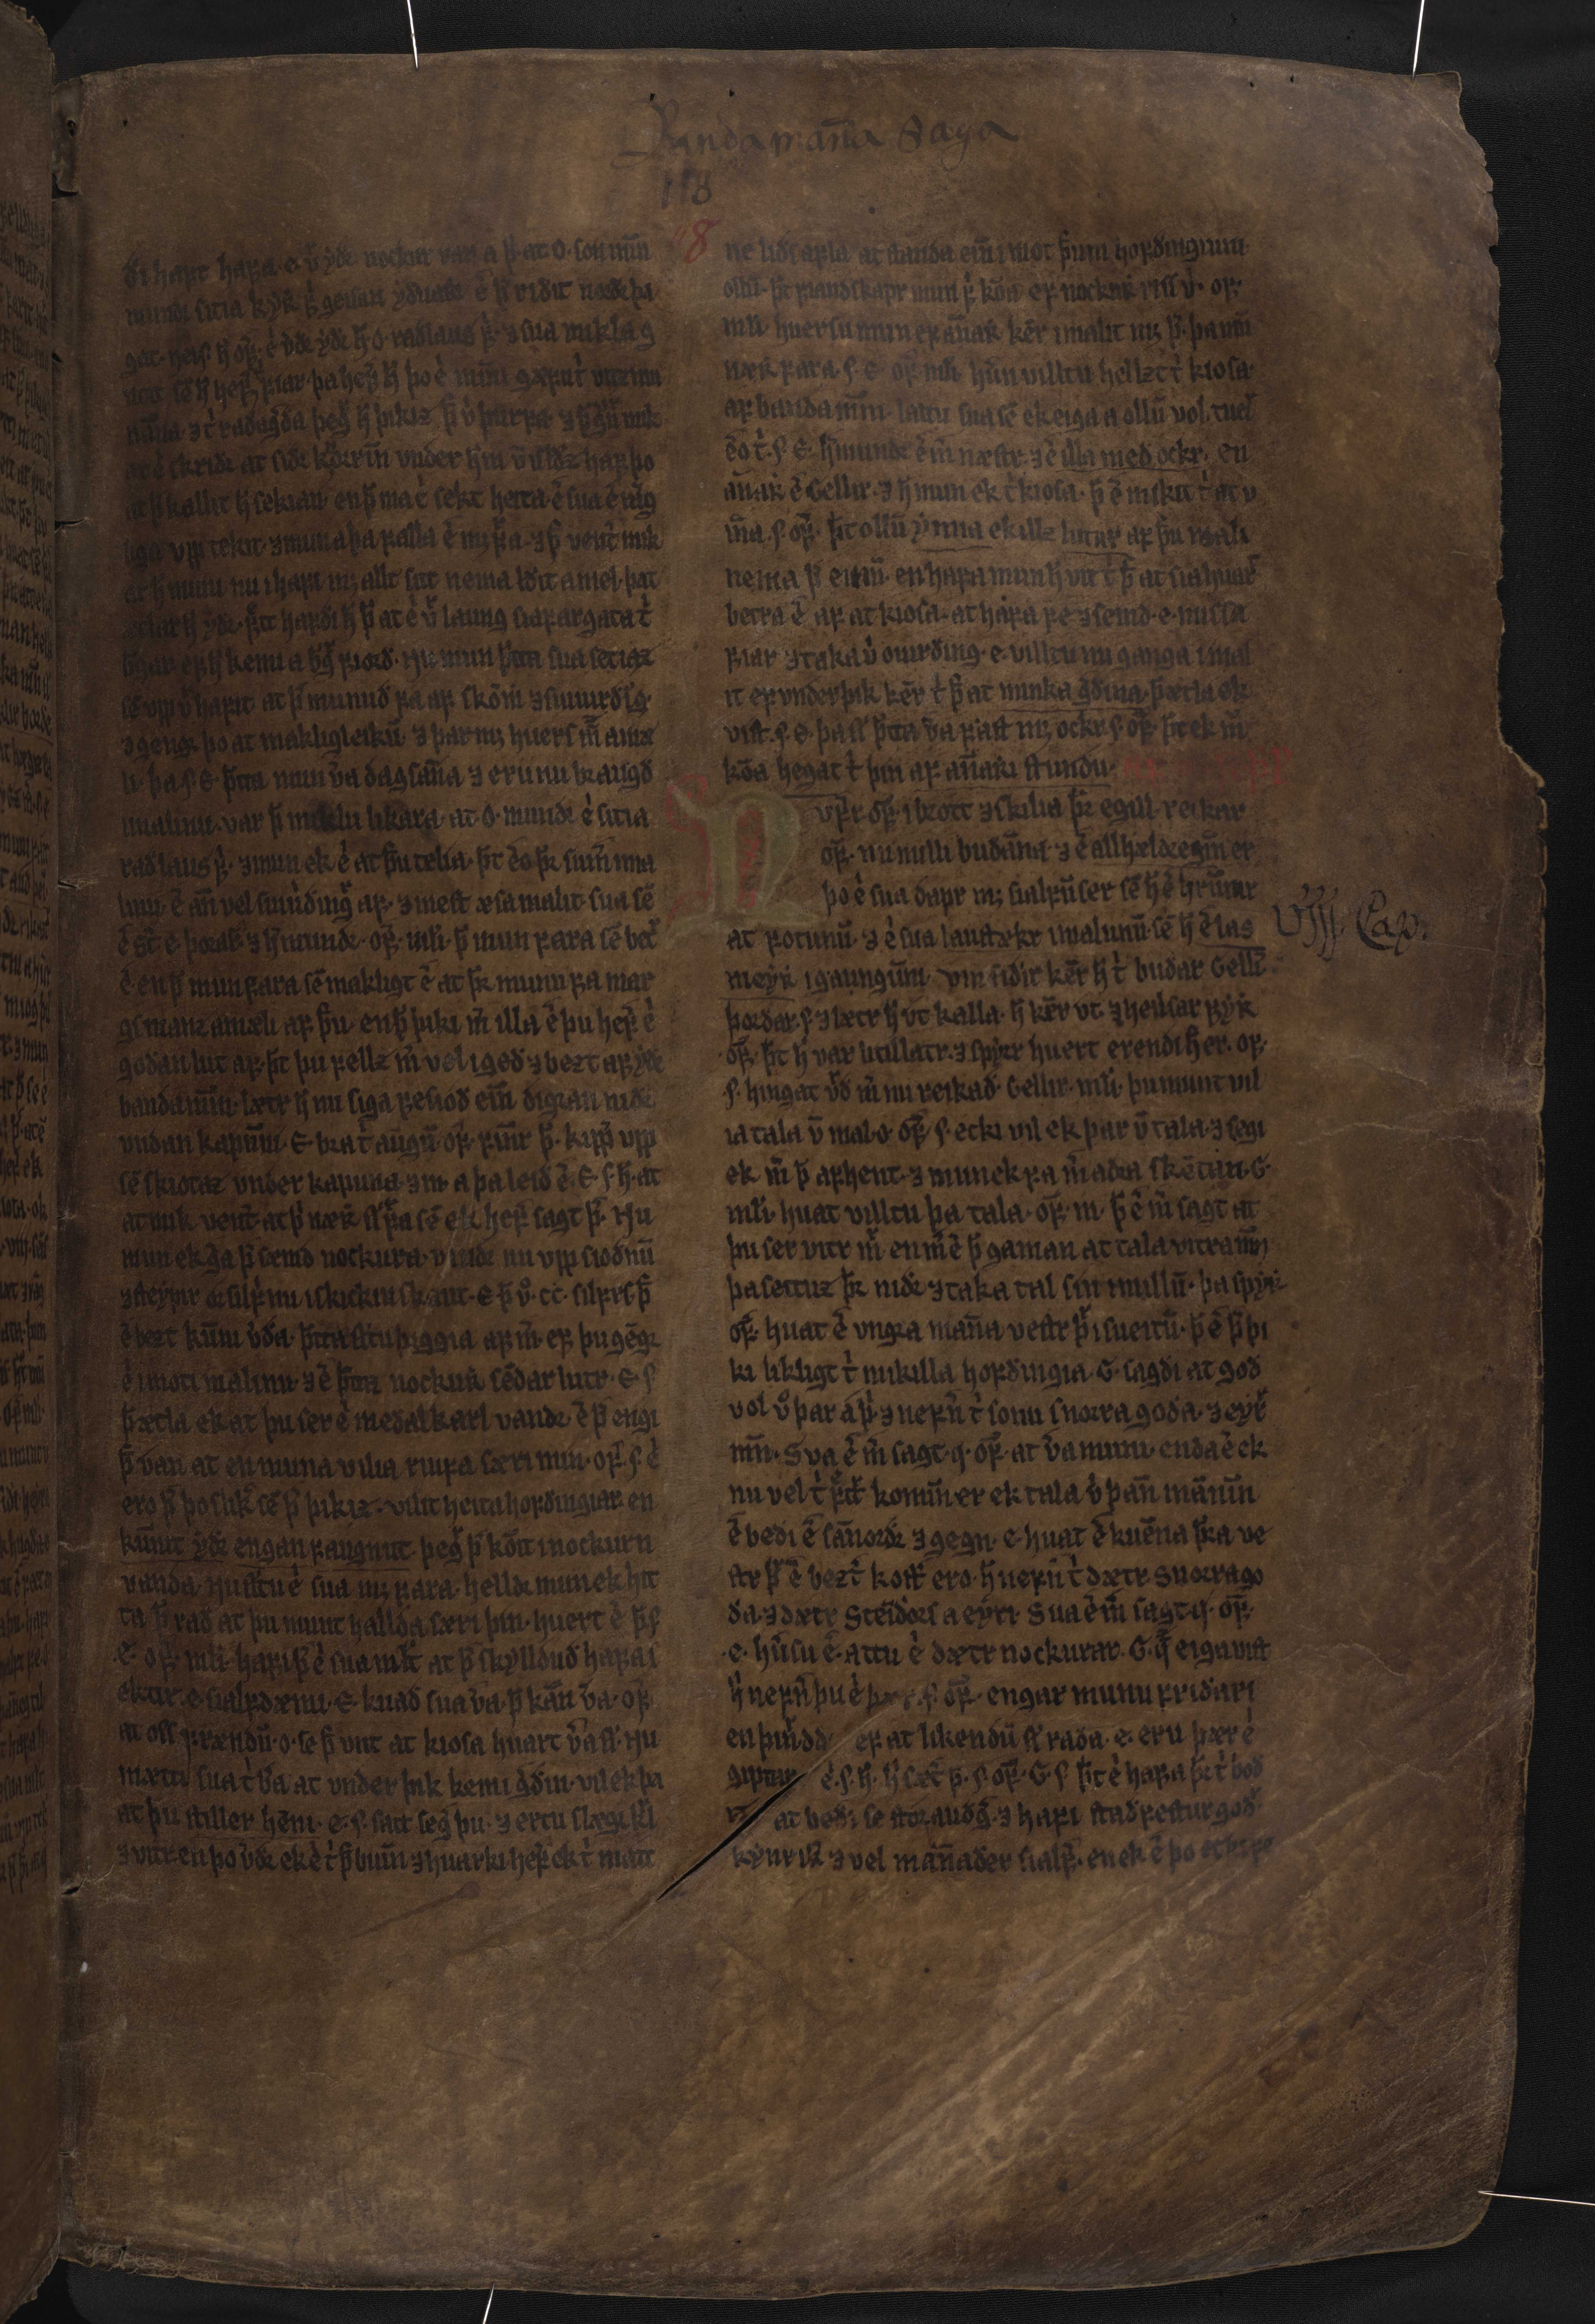 AM 132 fol - 118r